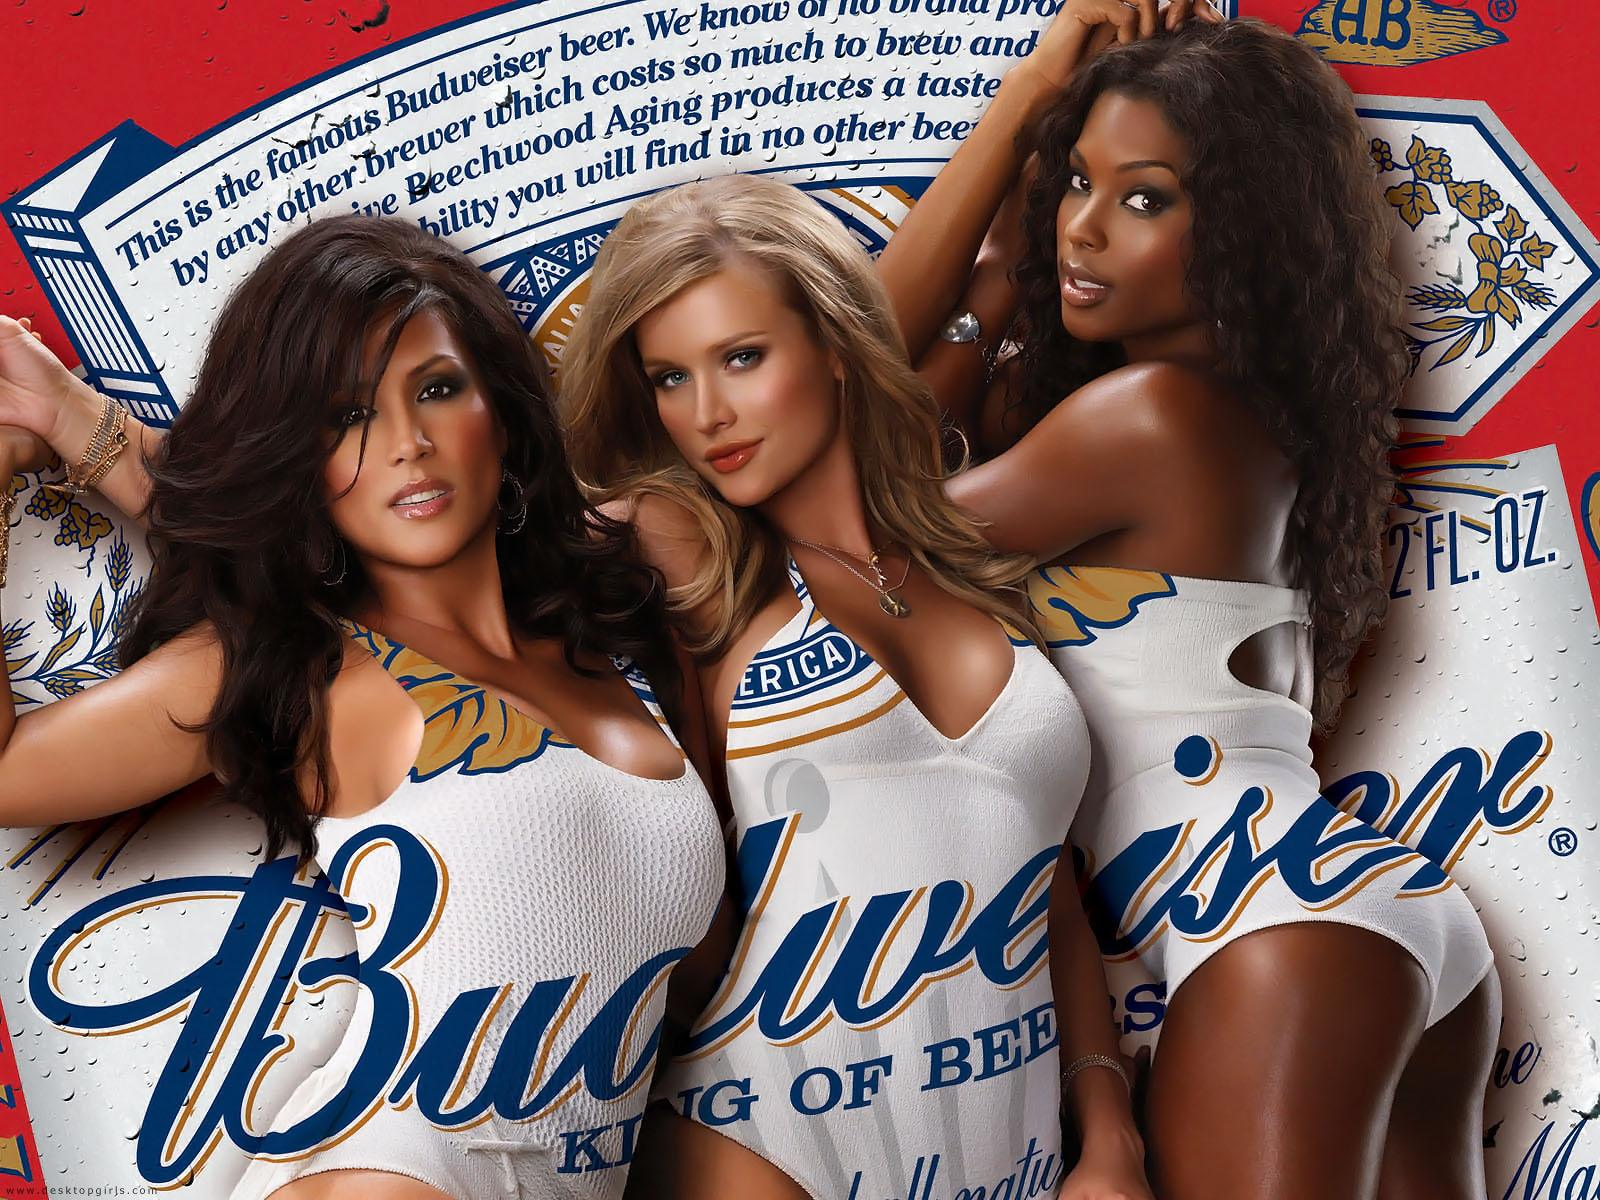 Budweiser babes